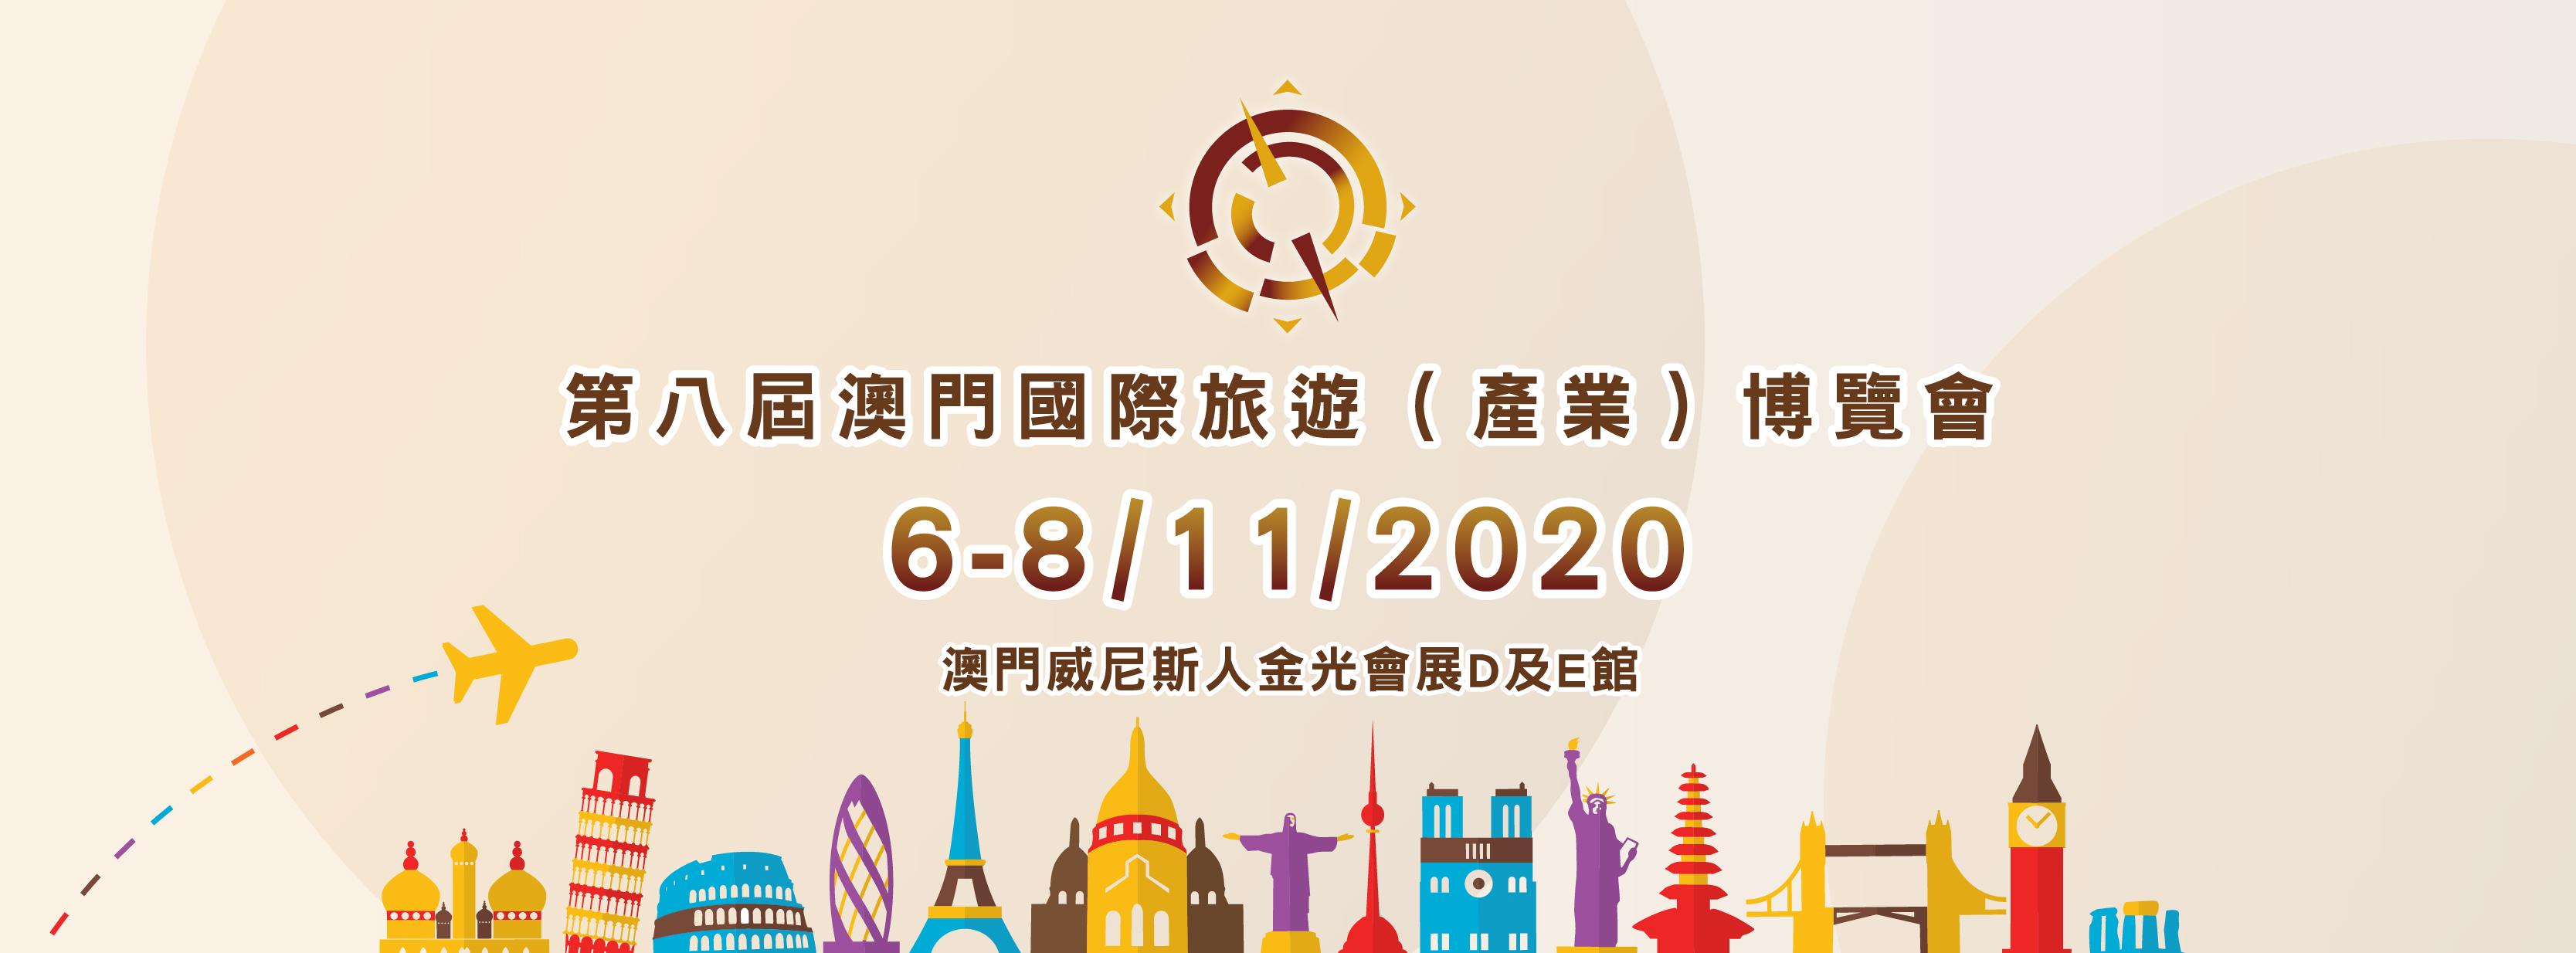 澳門國際旅遊產業)博覽會